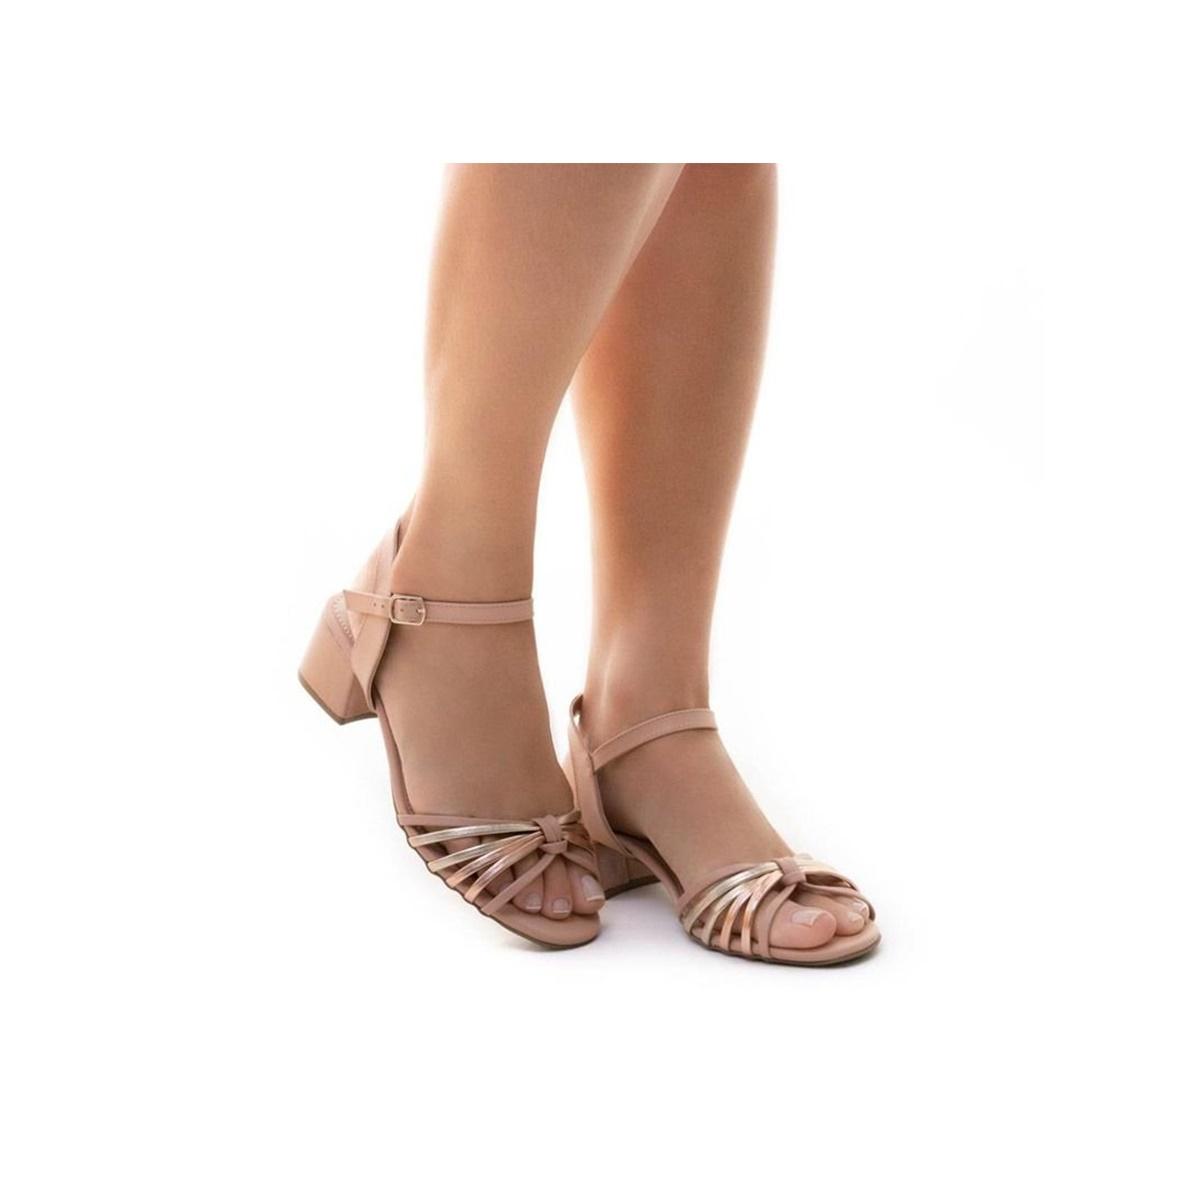 Sandália Feminina Sua Cia Tiras Metalizadas Salto Médio